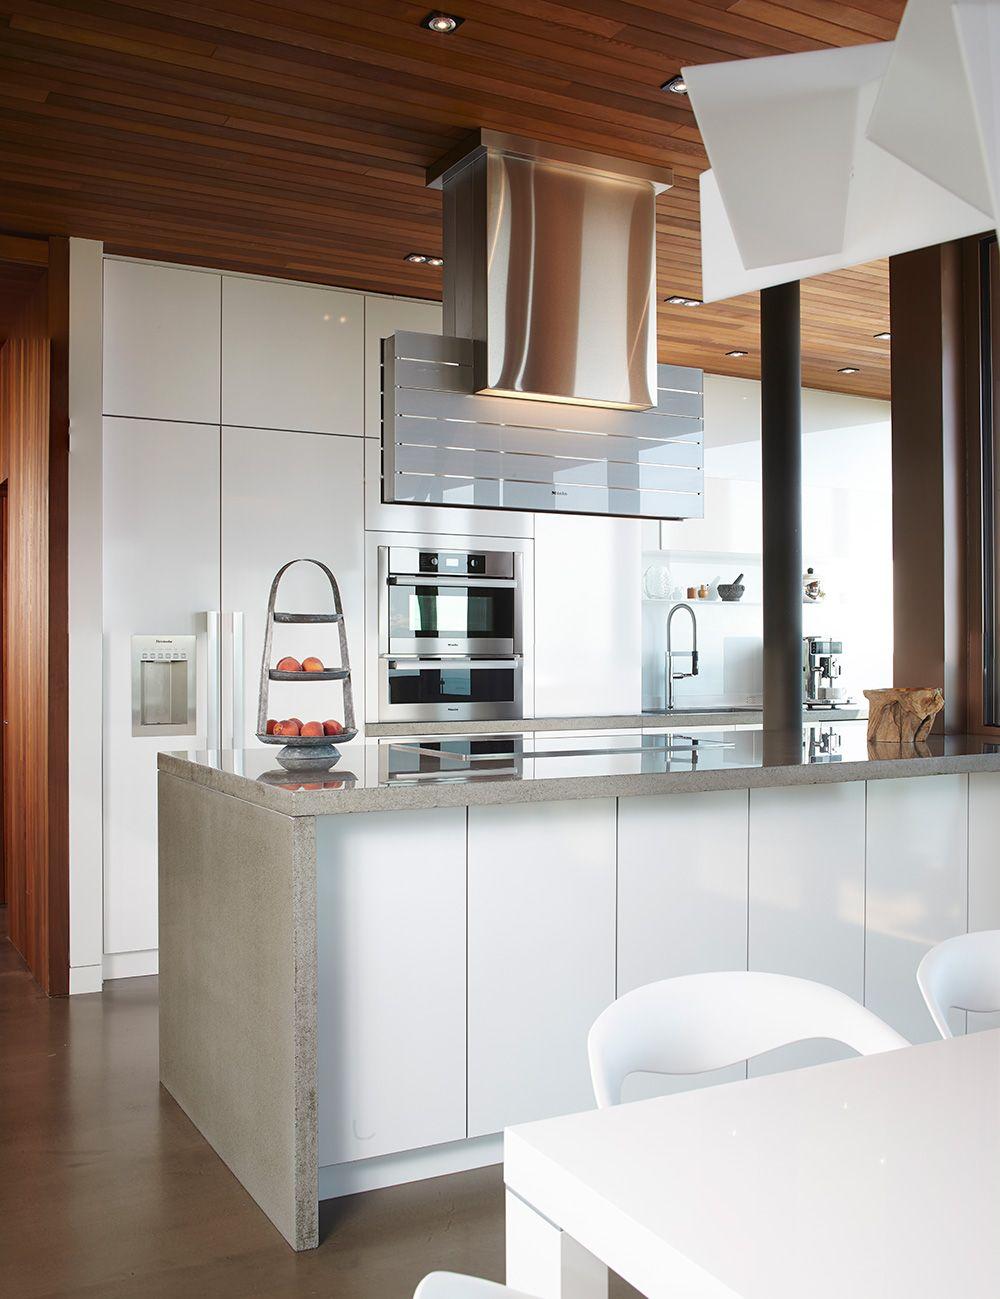 Magnifique Cuisine Moderne Situee A L Interieur Une Residence En